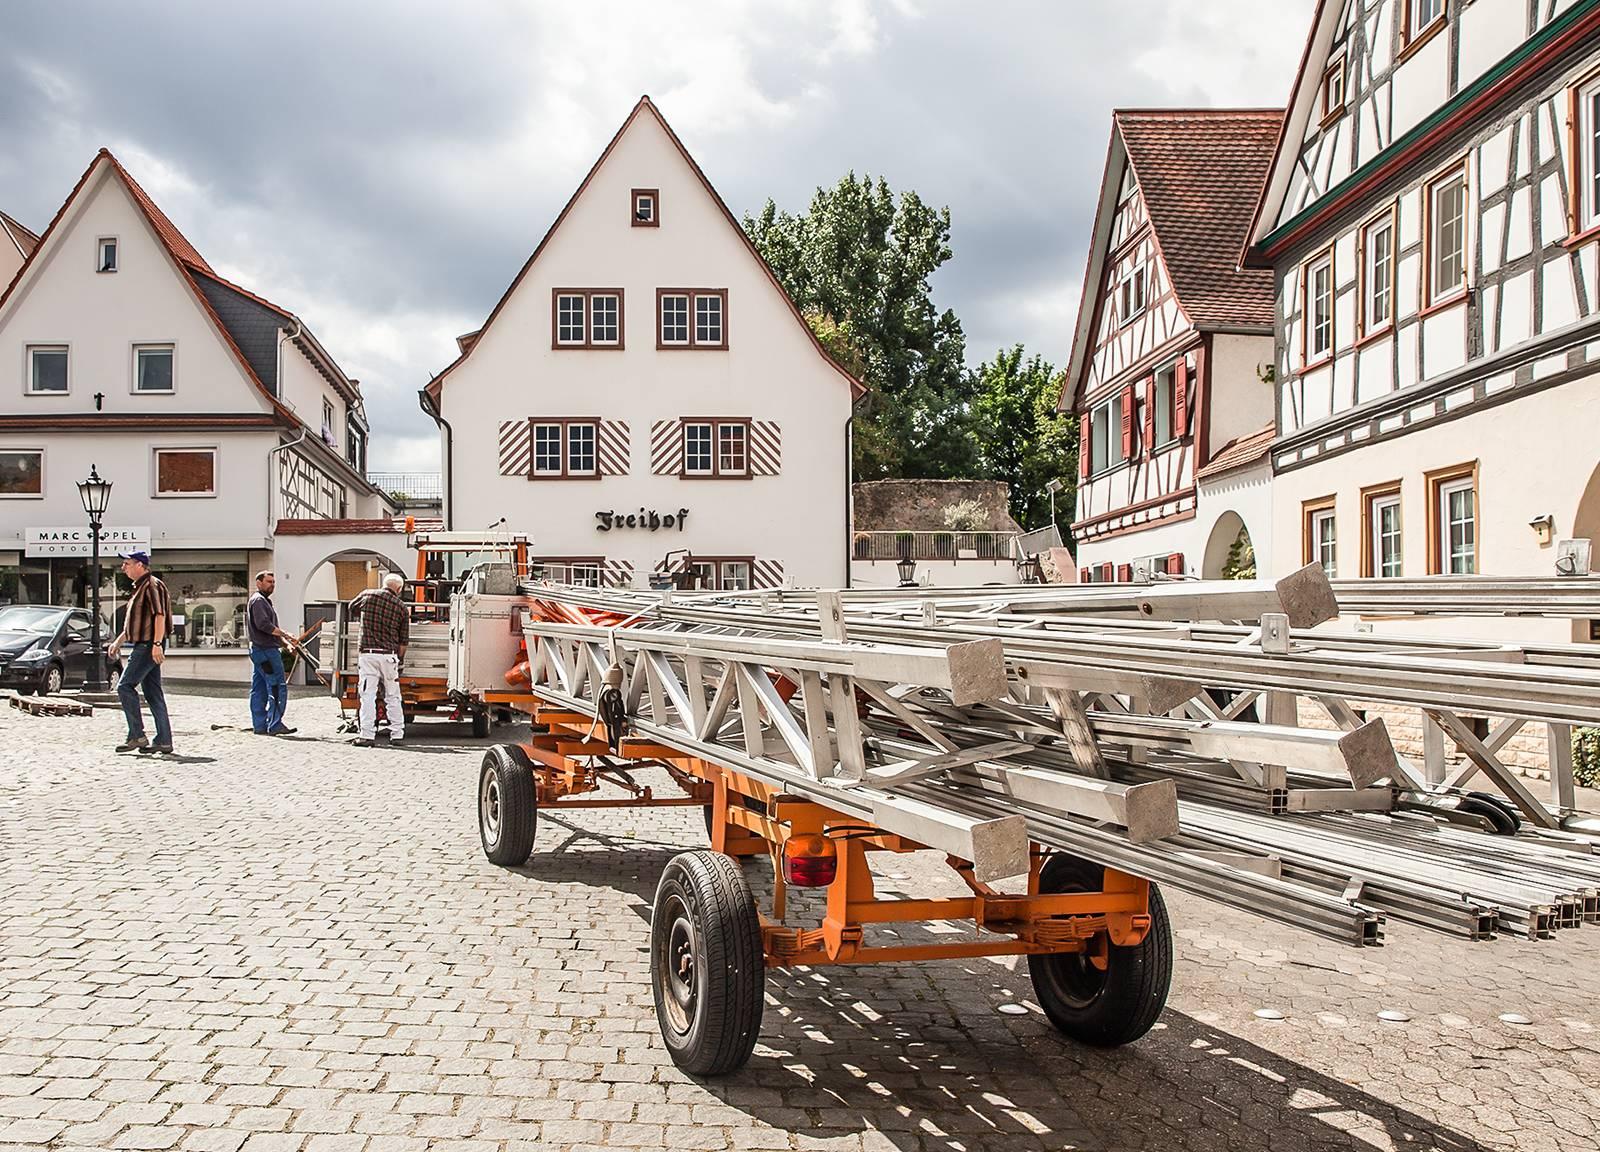 Aufgaben des ZKD: Zwingenberg Marktplatz Festaufbau